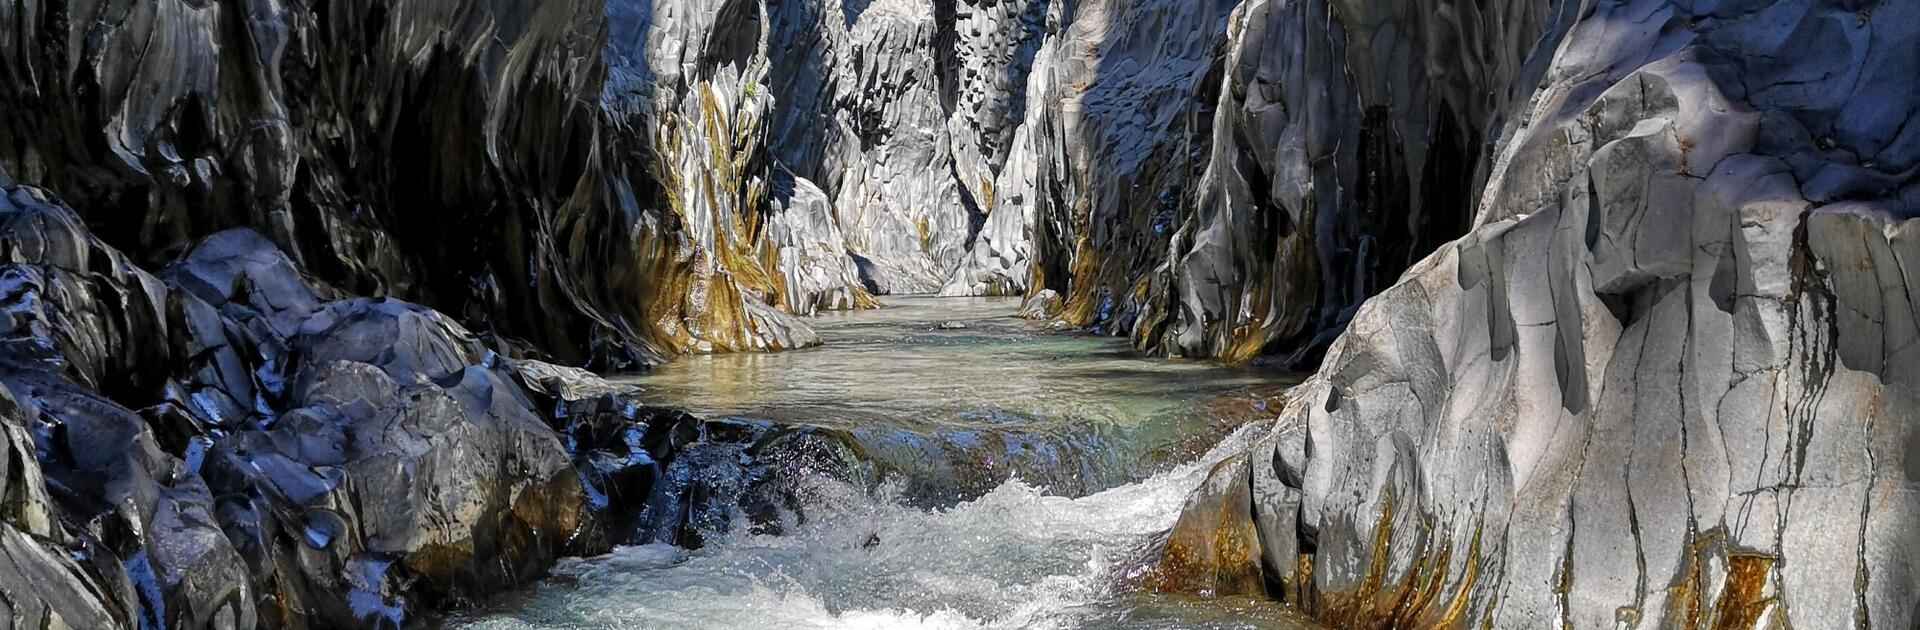 Erleben Sie ein Abenteuer in den Schluchten der Gole dell'Alcantara